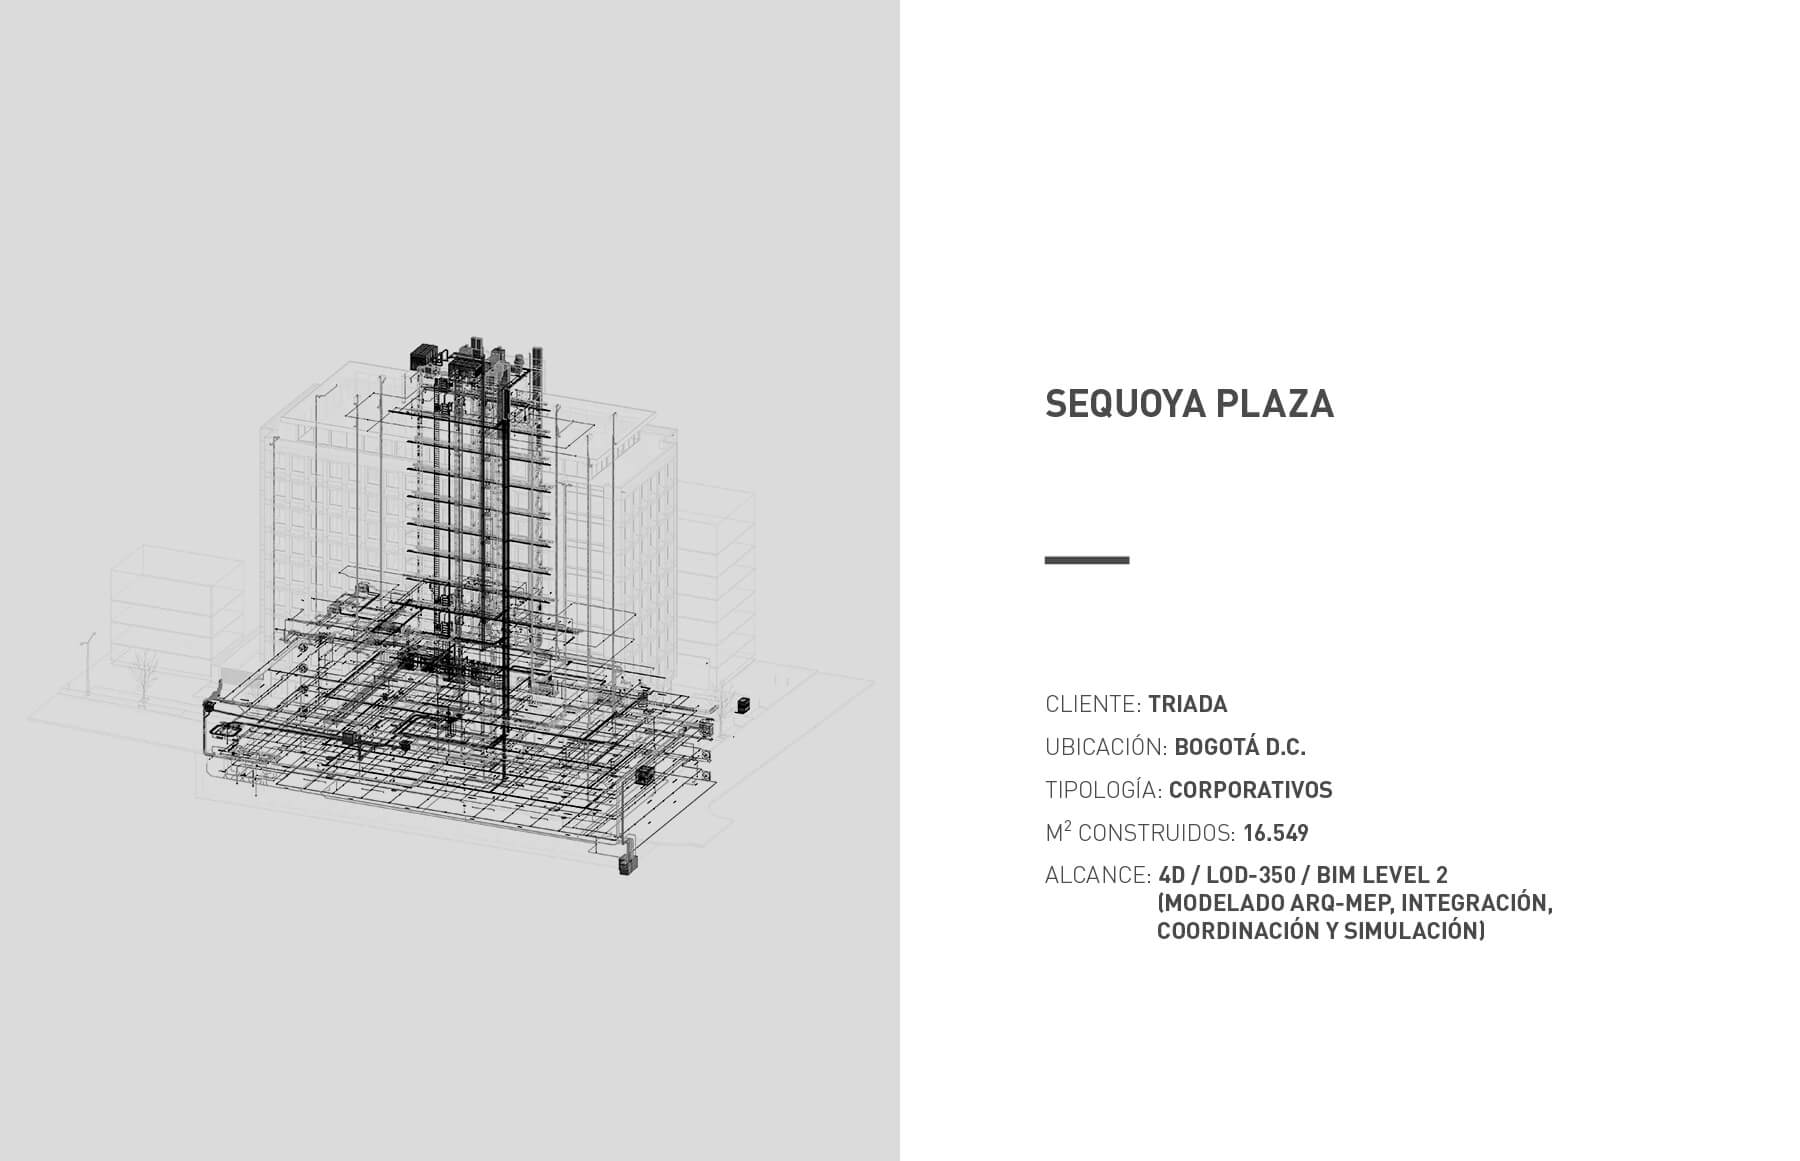 sequoya plaza